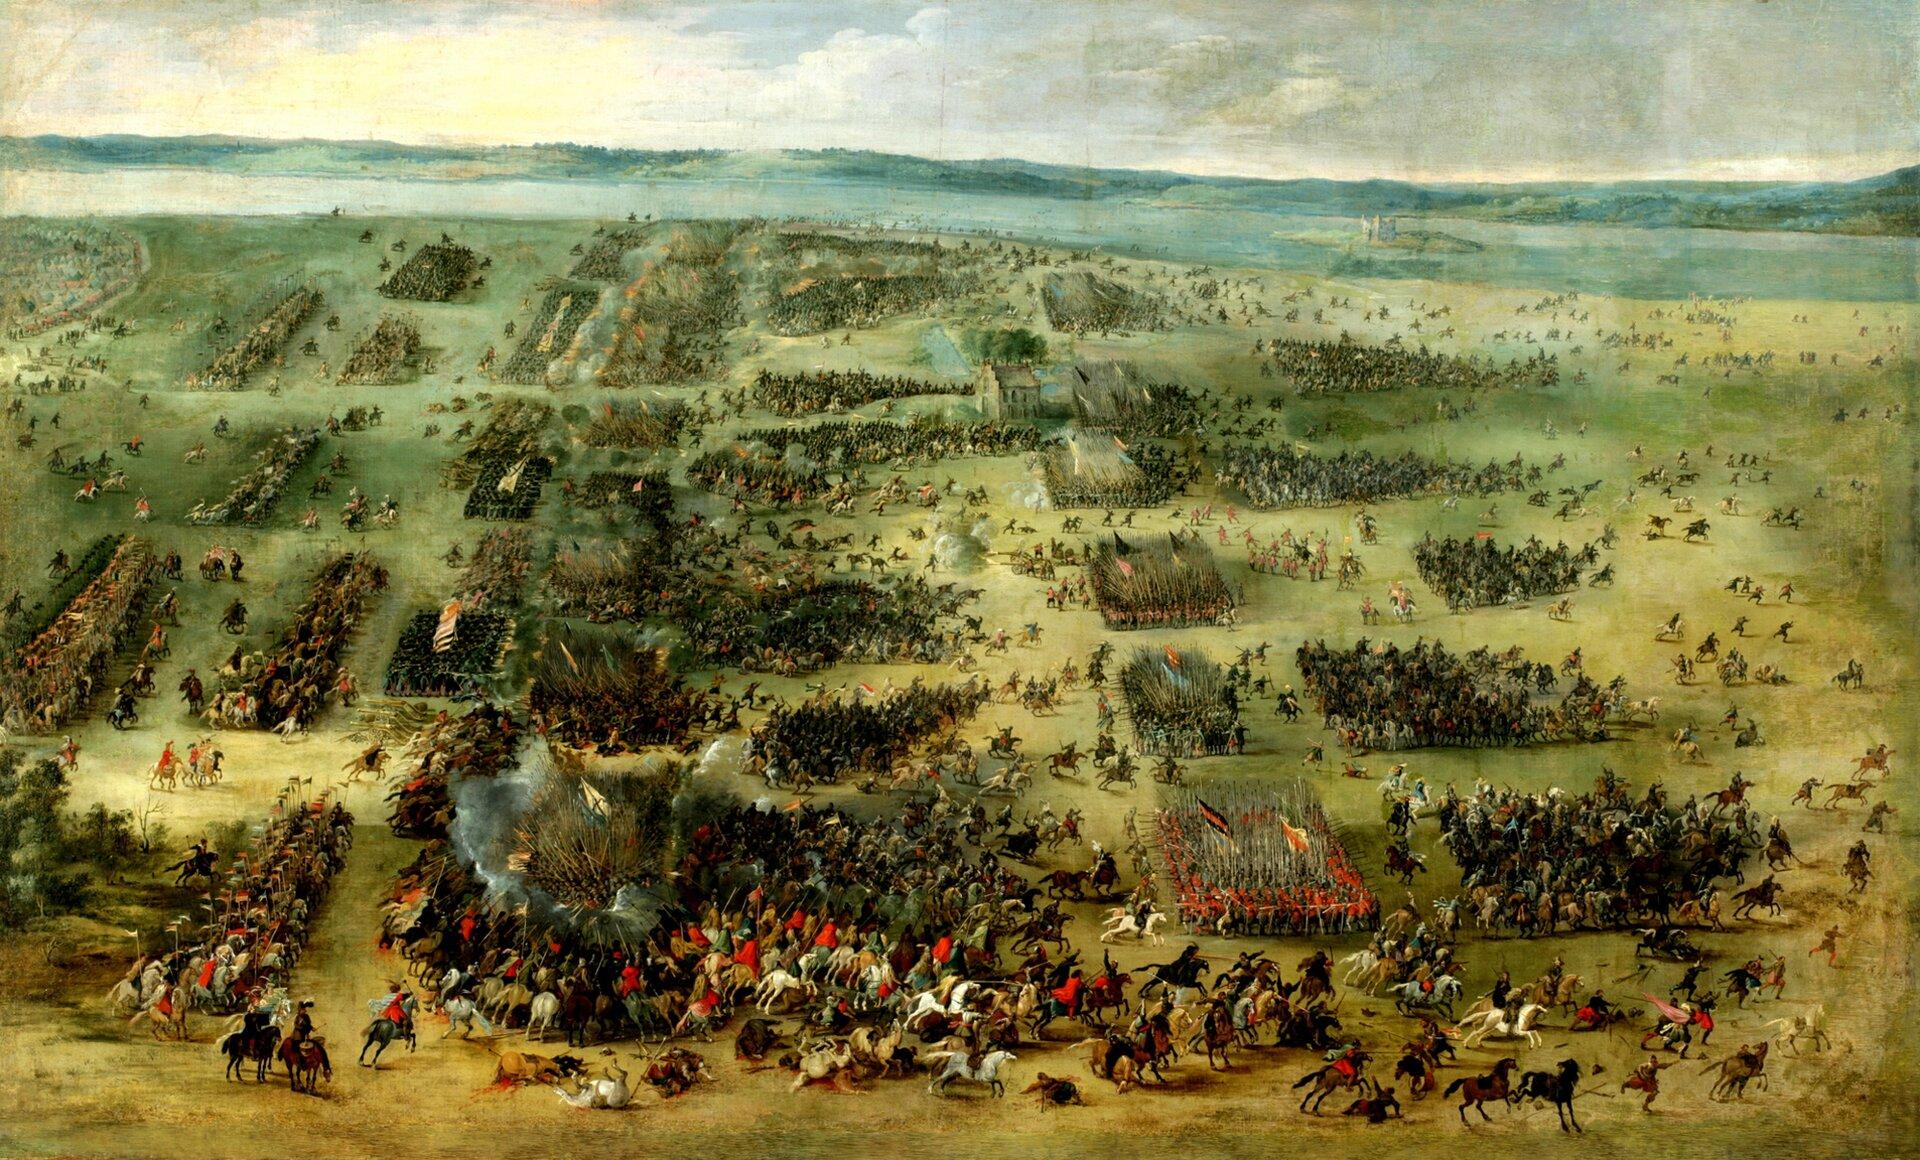 Bitwa pod Kirholmem w1605 r. Bitwa pod Kirholmem w1605 r. Zwycięstwo hetmana Jana Karola Chodkiewicza. Obraz Pietera Snayersa (1592-1666) był wposiadaniu Wazów. Jan Kazimierz zabrał go po swojej abdykacji w1668 do Francji, apo jego śmierci trafił na licytację izostał sprzedany. Obecnie jest wzbiorach prywatnych we Francji. Malarz pochodził zpołudniowych, hiszpańskich Niderlandów ispecjalizował się malarstwie scen batalistycznych. Namalował m.in. obrazy pokazujące bitwy: pod Białą Górą, oblężenie Wiednia w1529 itd. Źródło: Pieter Snayers, Bitwa pod Kirholmem w1605 r., olej na płótnie, Château de Sassenage, domena publiczna.